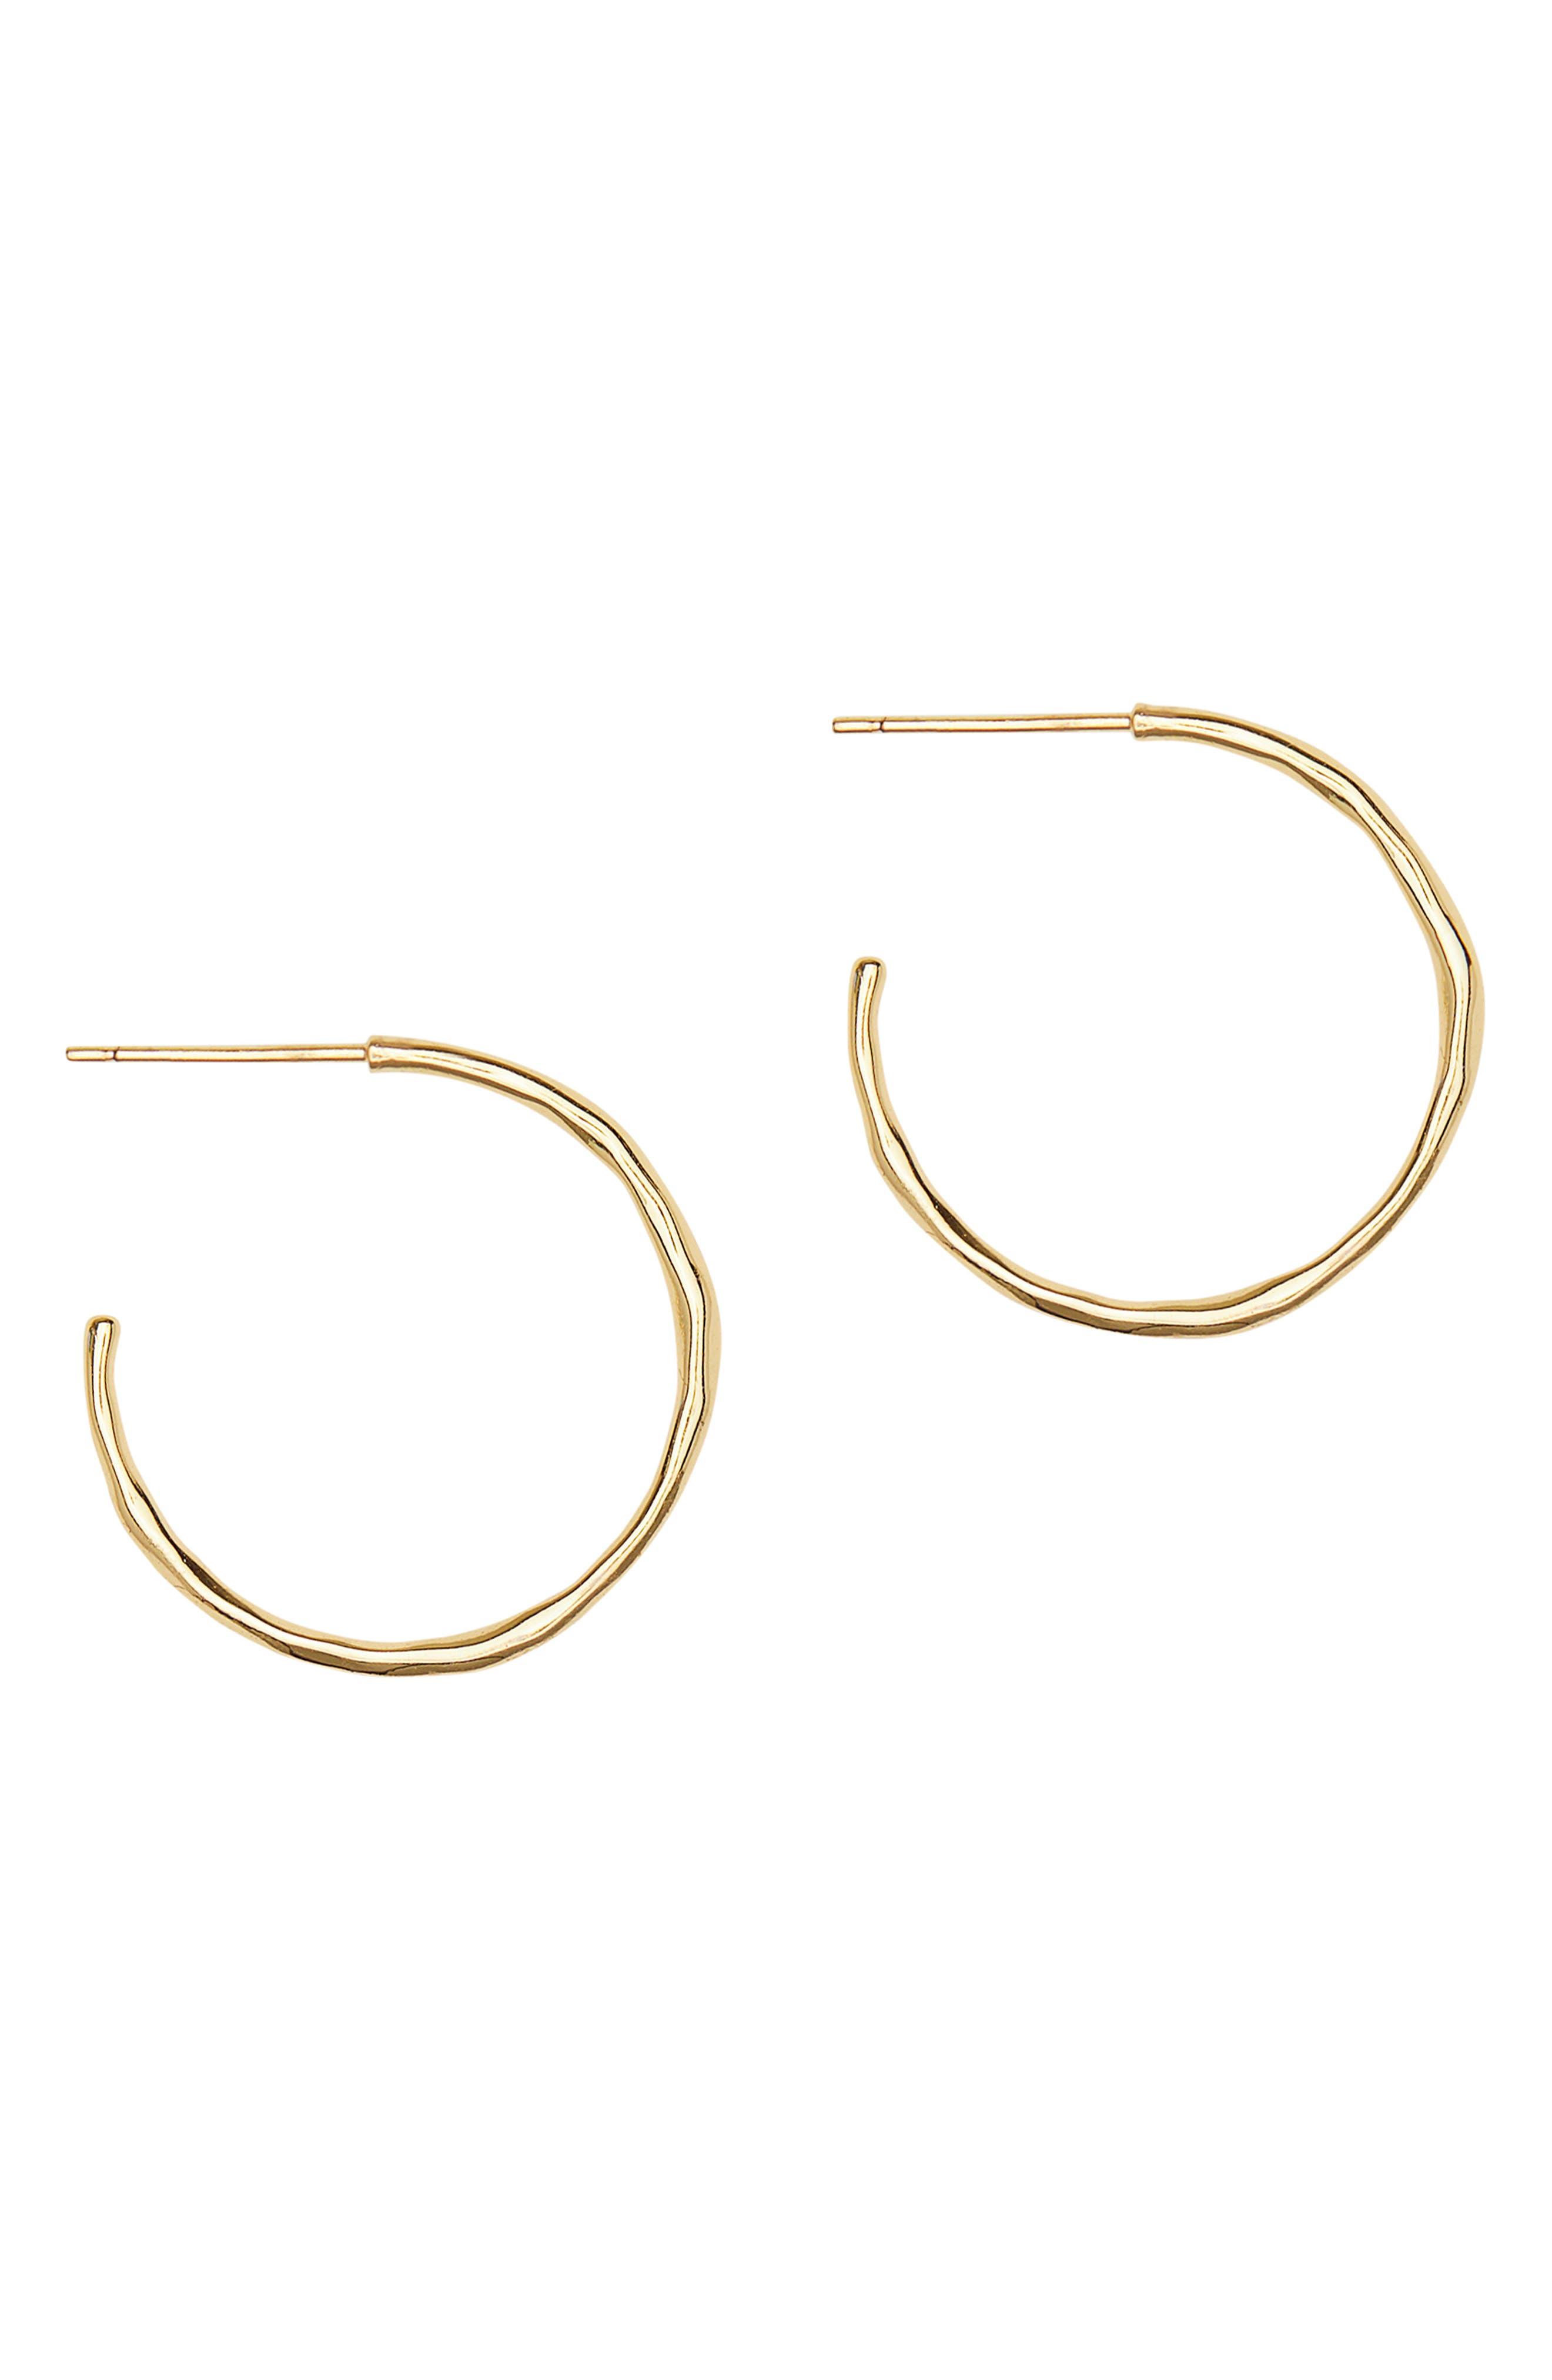 Taner Small Hoop Earrings